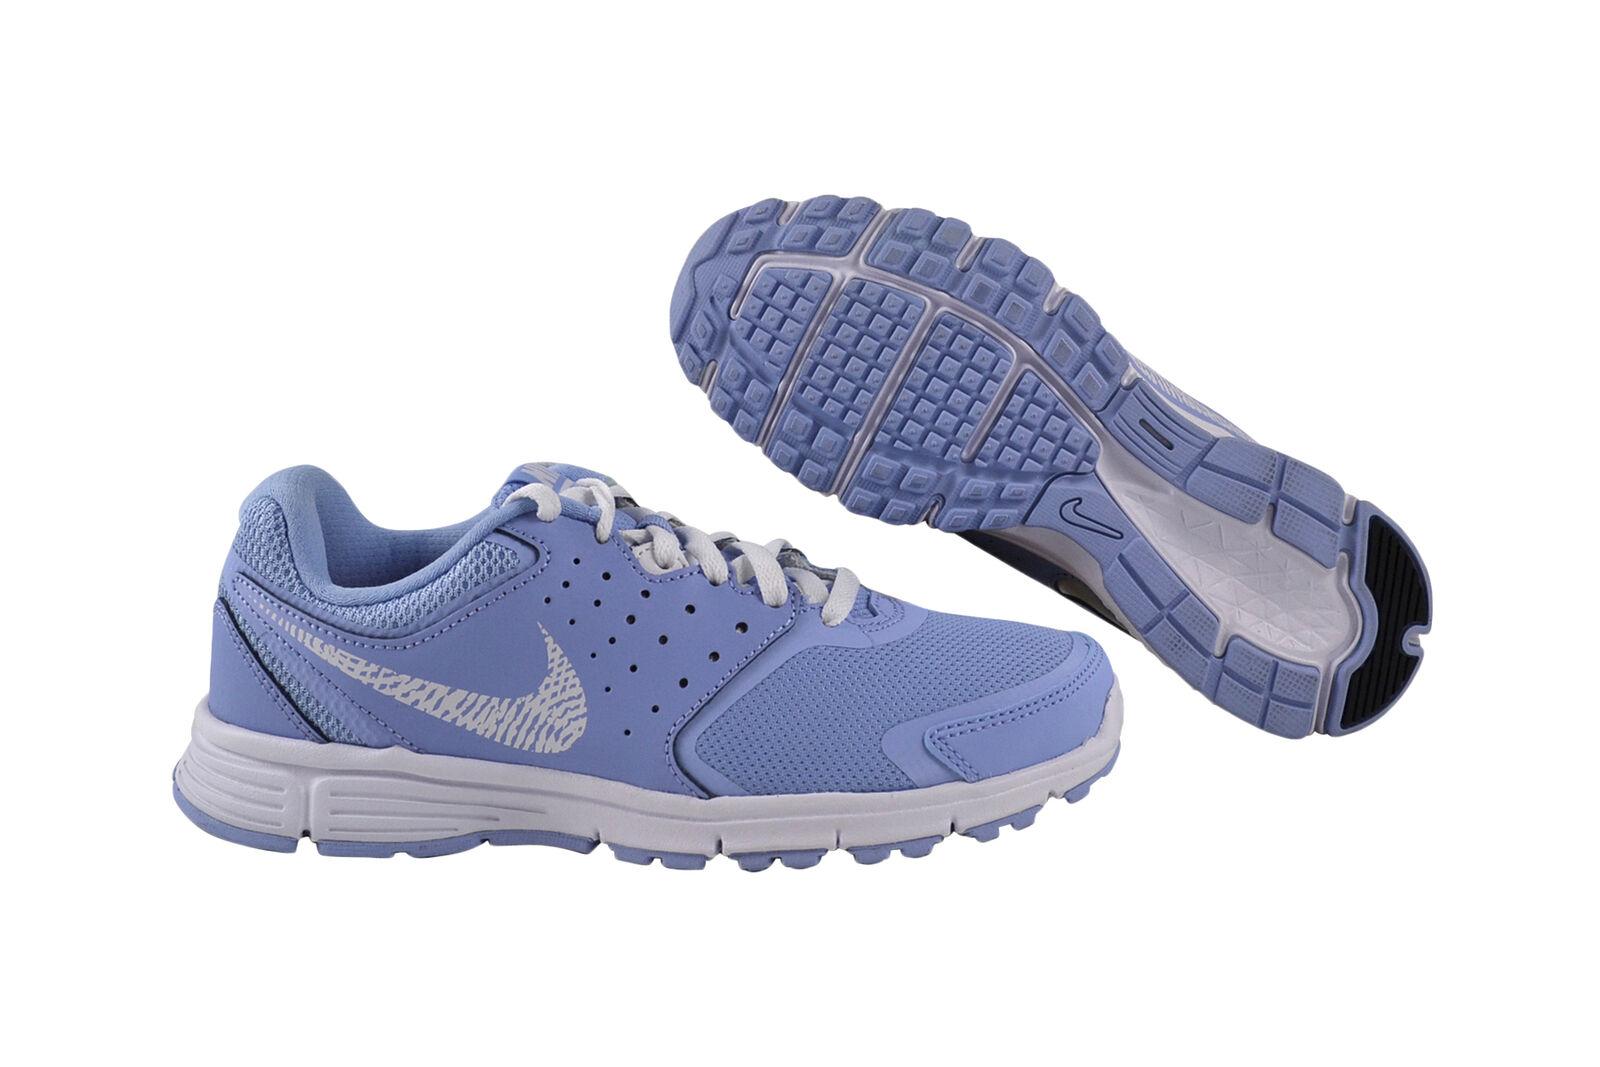 Nike wmns  revolución UE aluminum blanco-Bright Crimson zapatilla de deporte zapatos 706582-400  garantizado